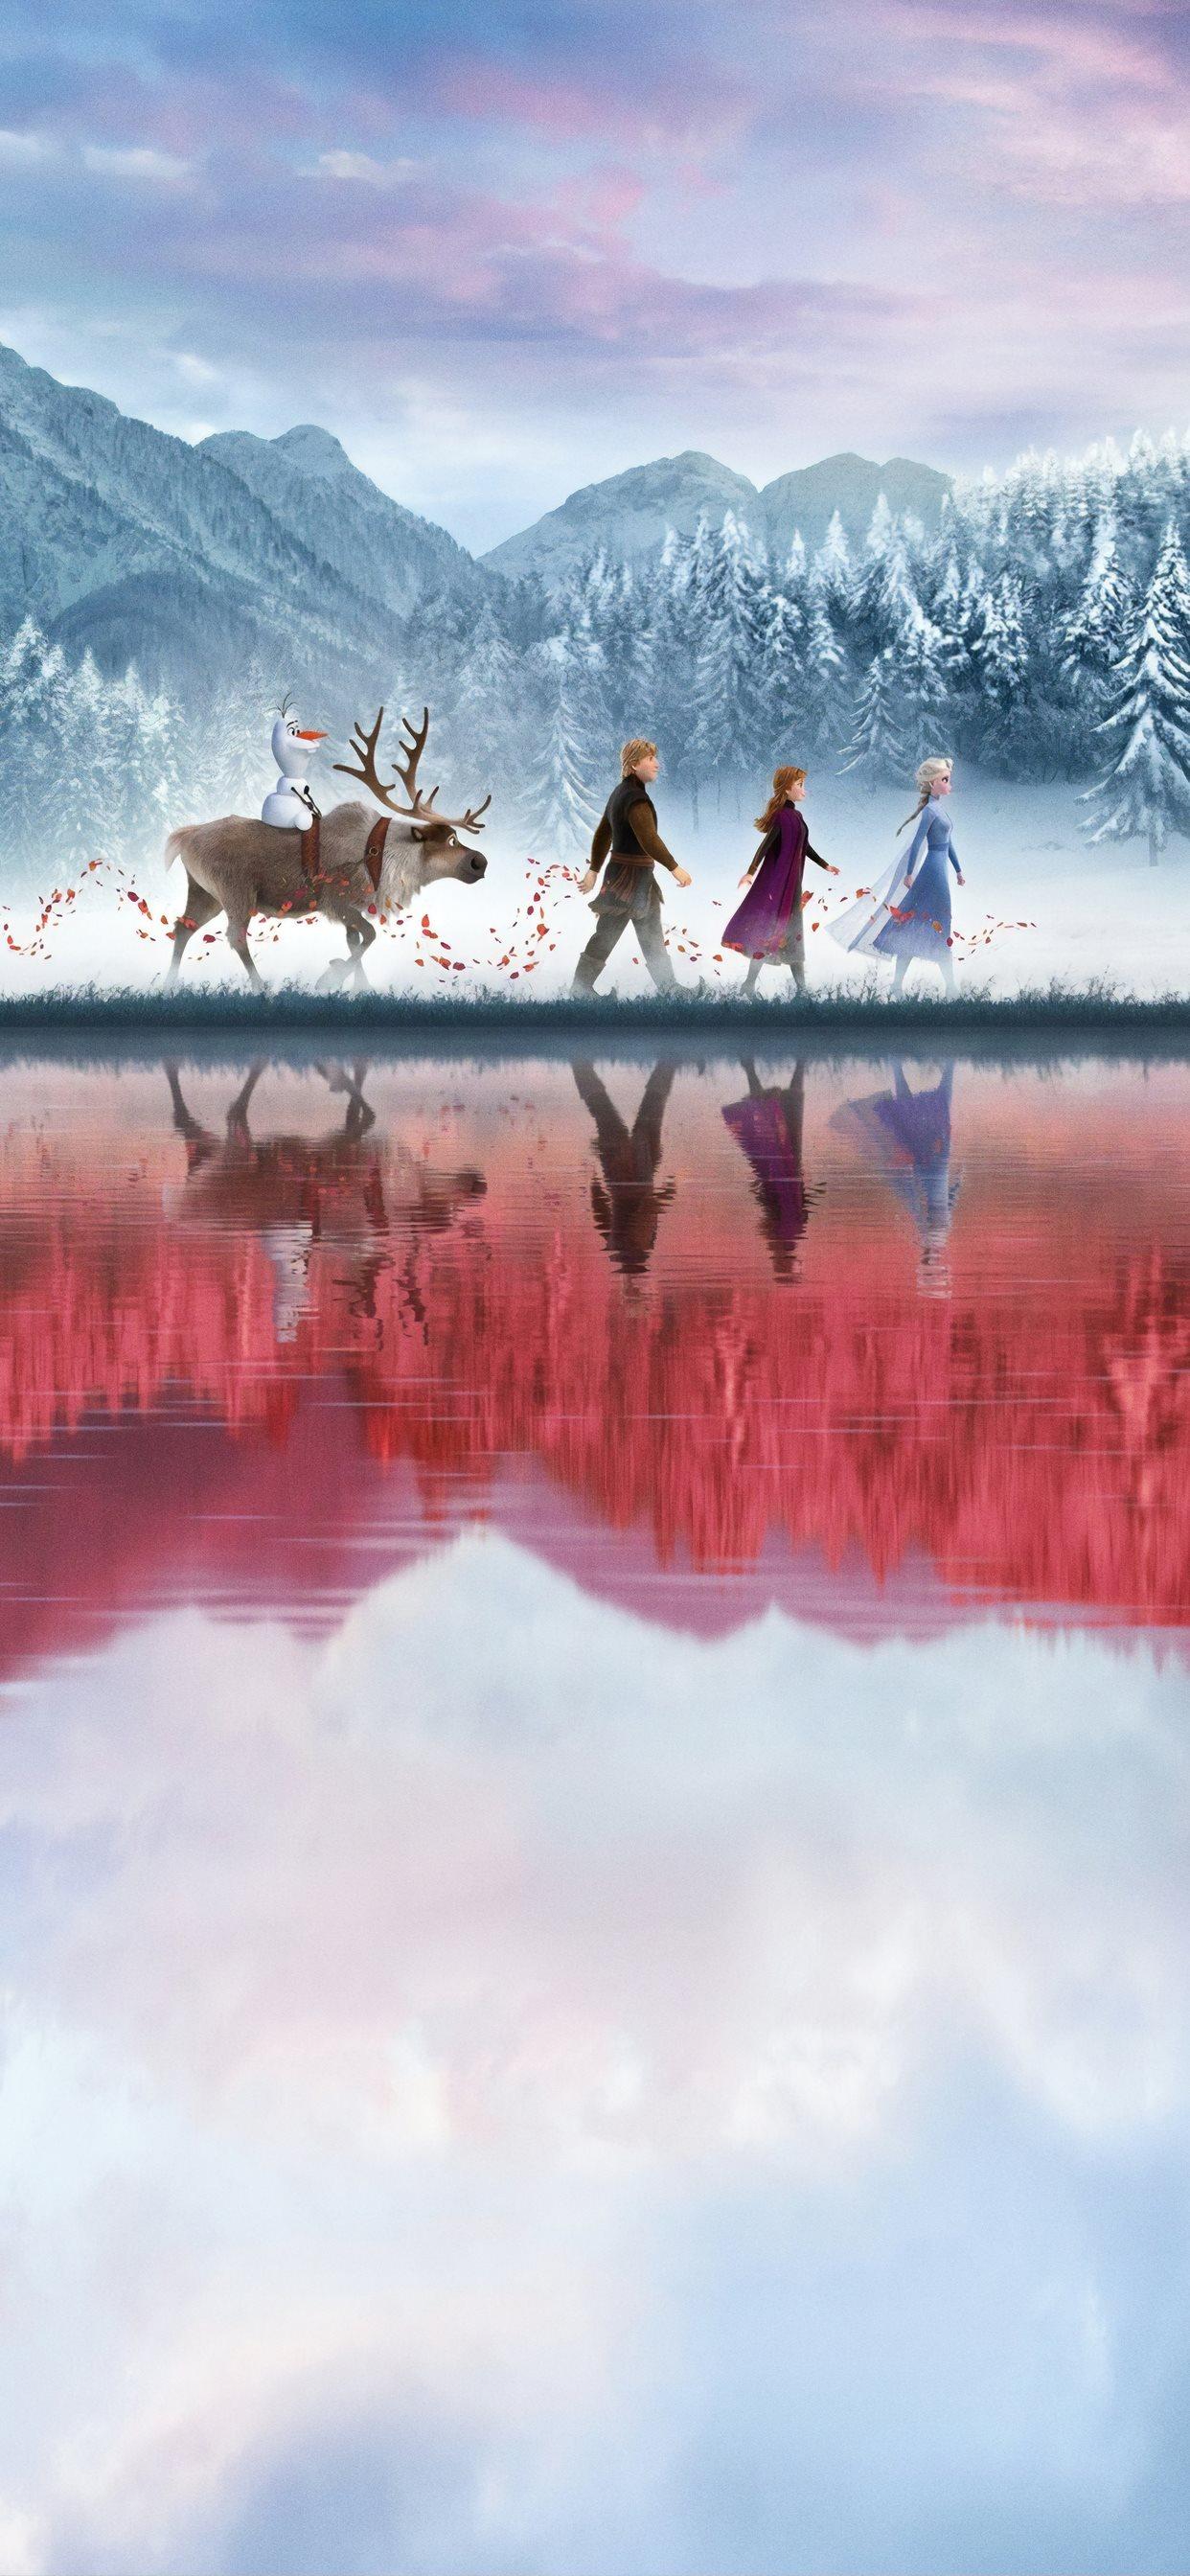 Frozen 2 2019 4k Iphone Wallpapers Free Download